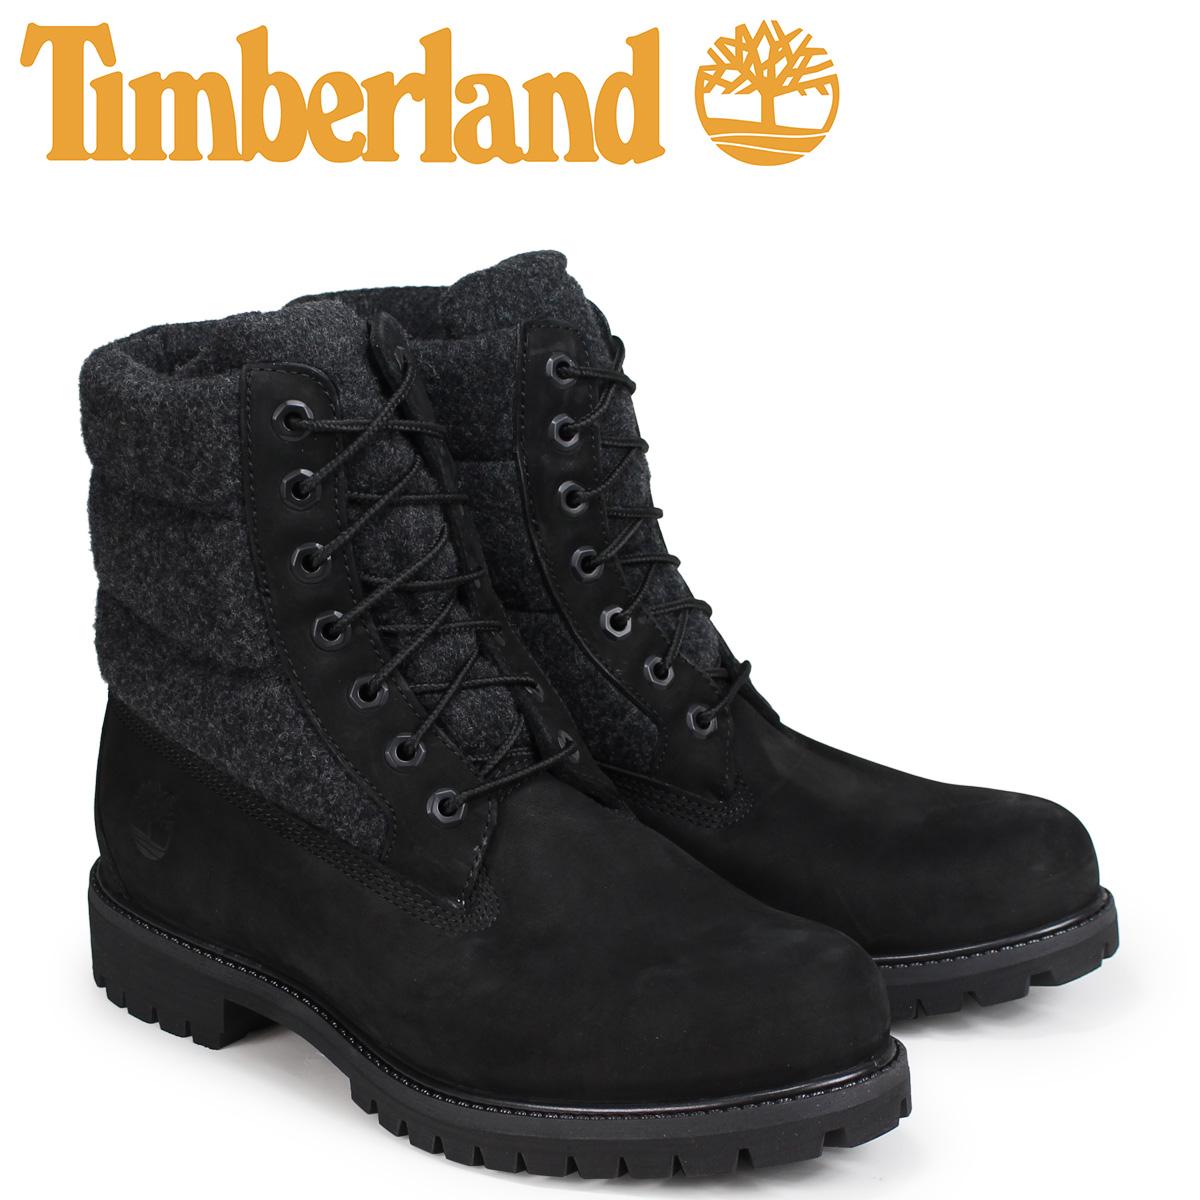 ティンバーランド Timberland ブーツ メンズ 6インチ 6-INCH PREMIUM PUFF BOOTS A1ZR6 Wワイズ ブラック